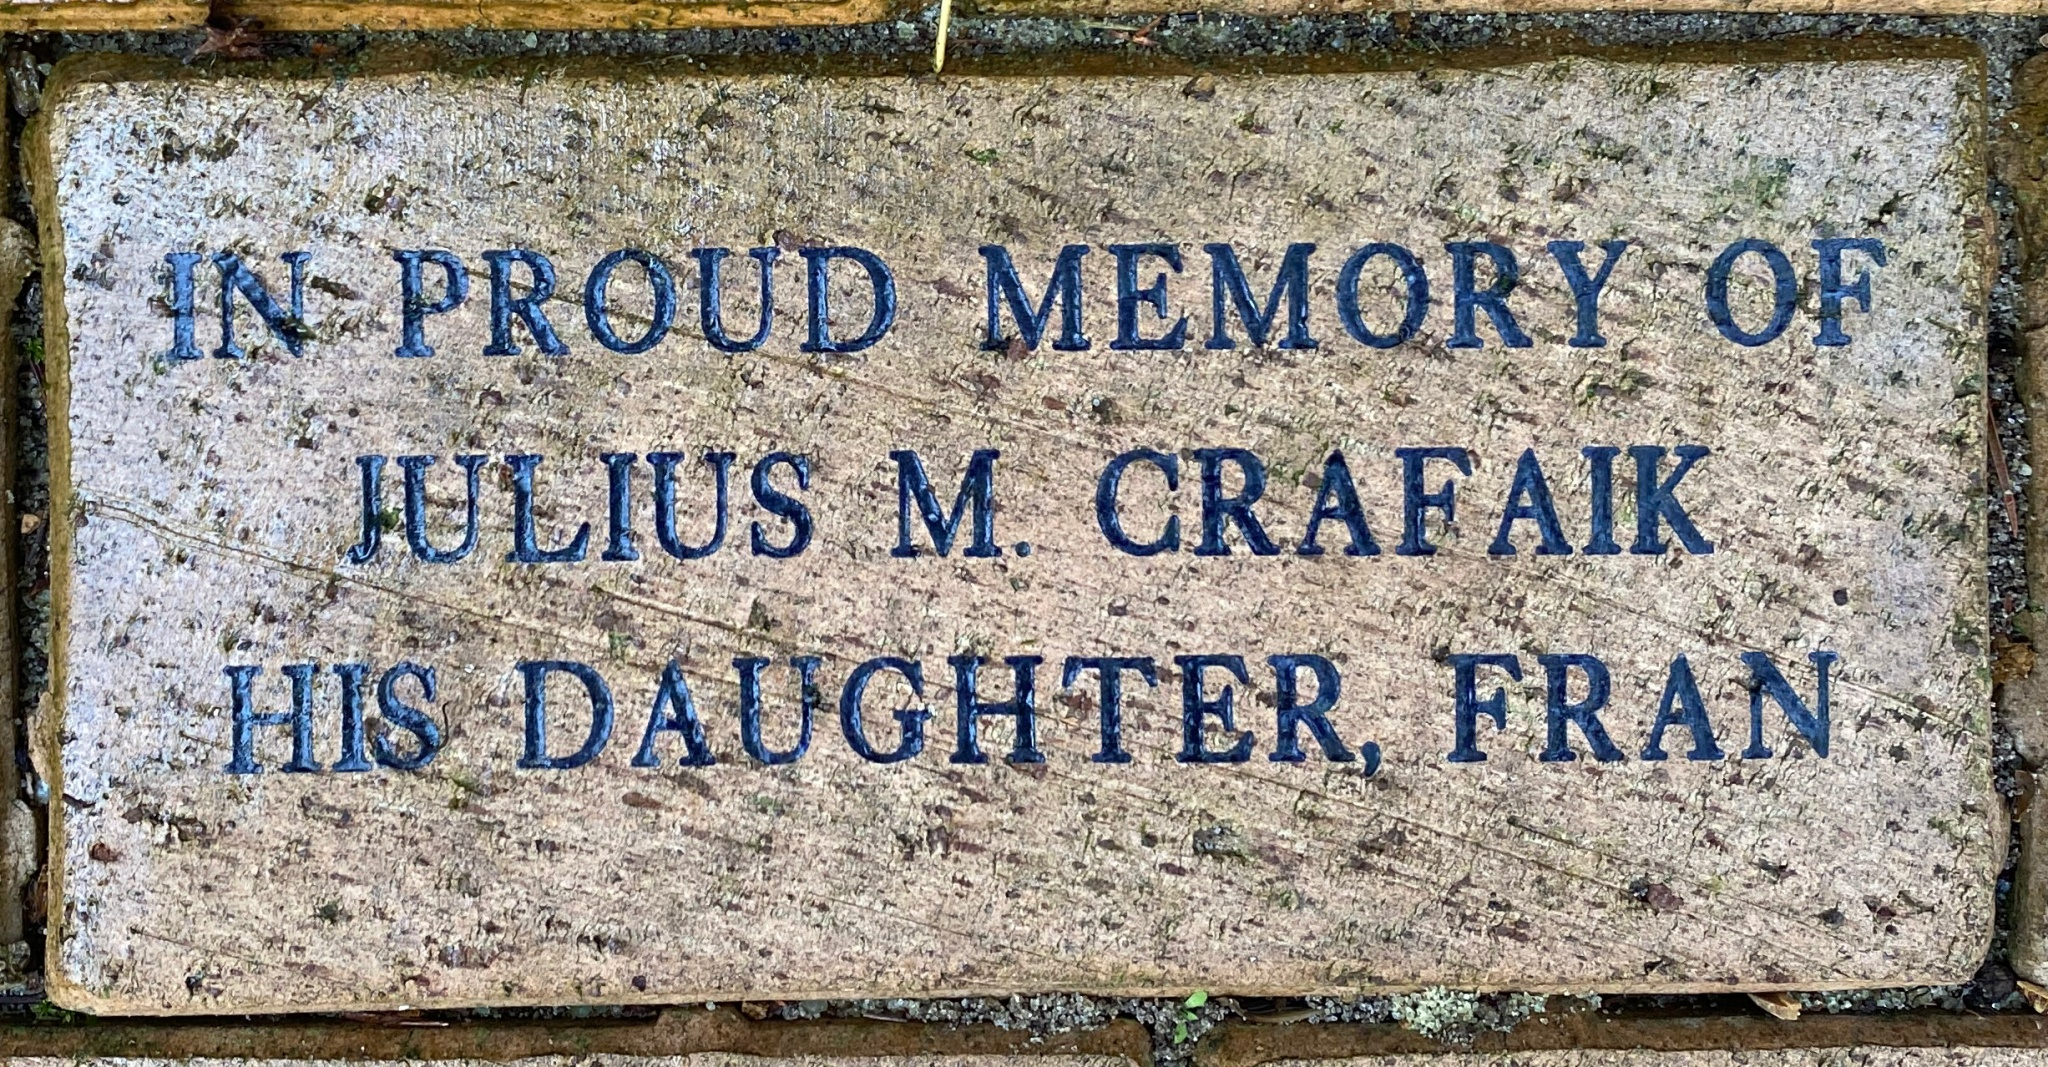 IN PROUD MEMORY OF  JULIUS M. CRAFAIK HIS DAUGHTER, FRAN